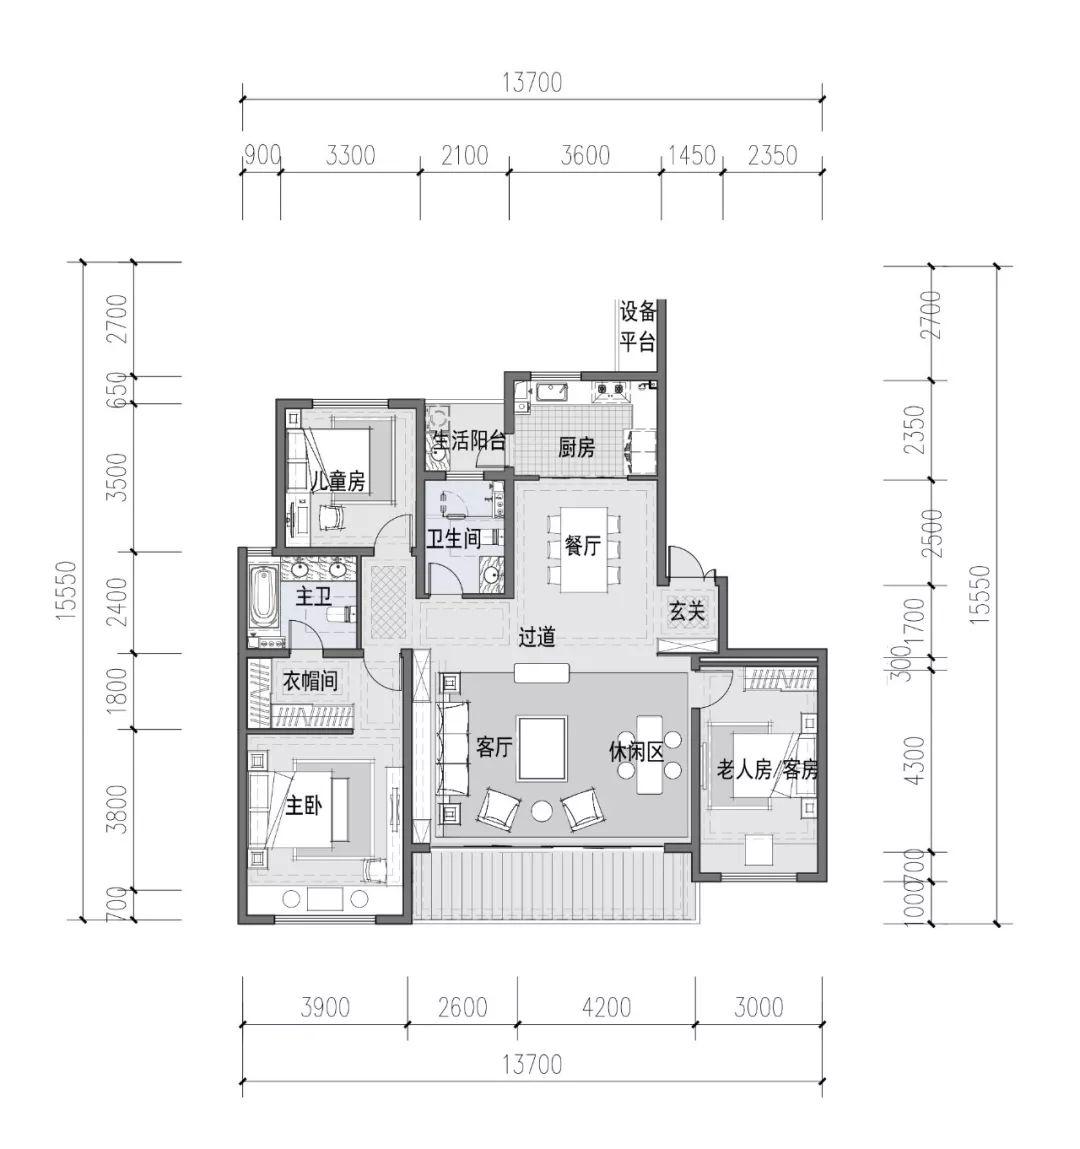 8米大横厅设计,还是豪华主卧套的设计,同类产品中均难逢敌手.